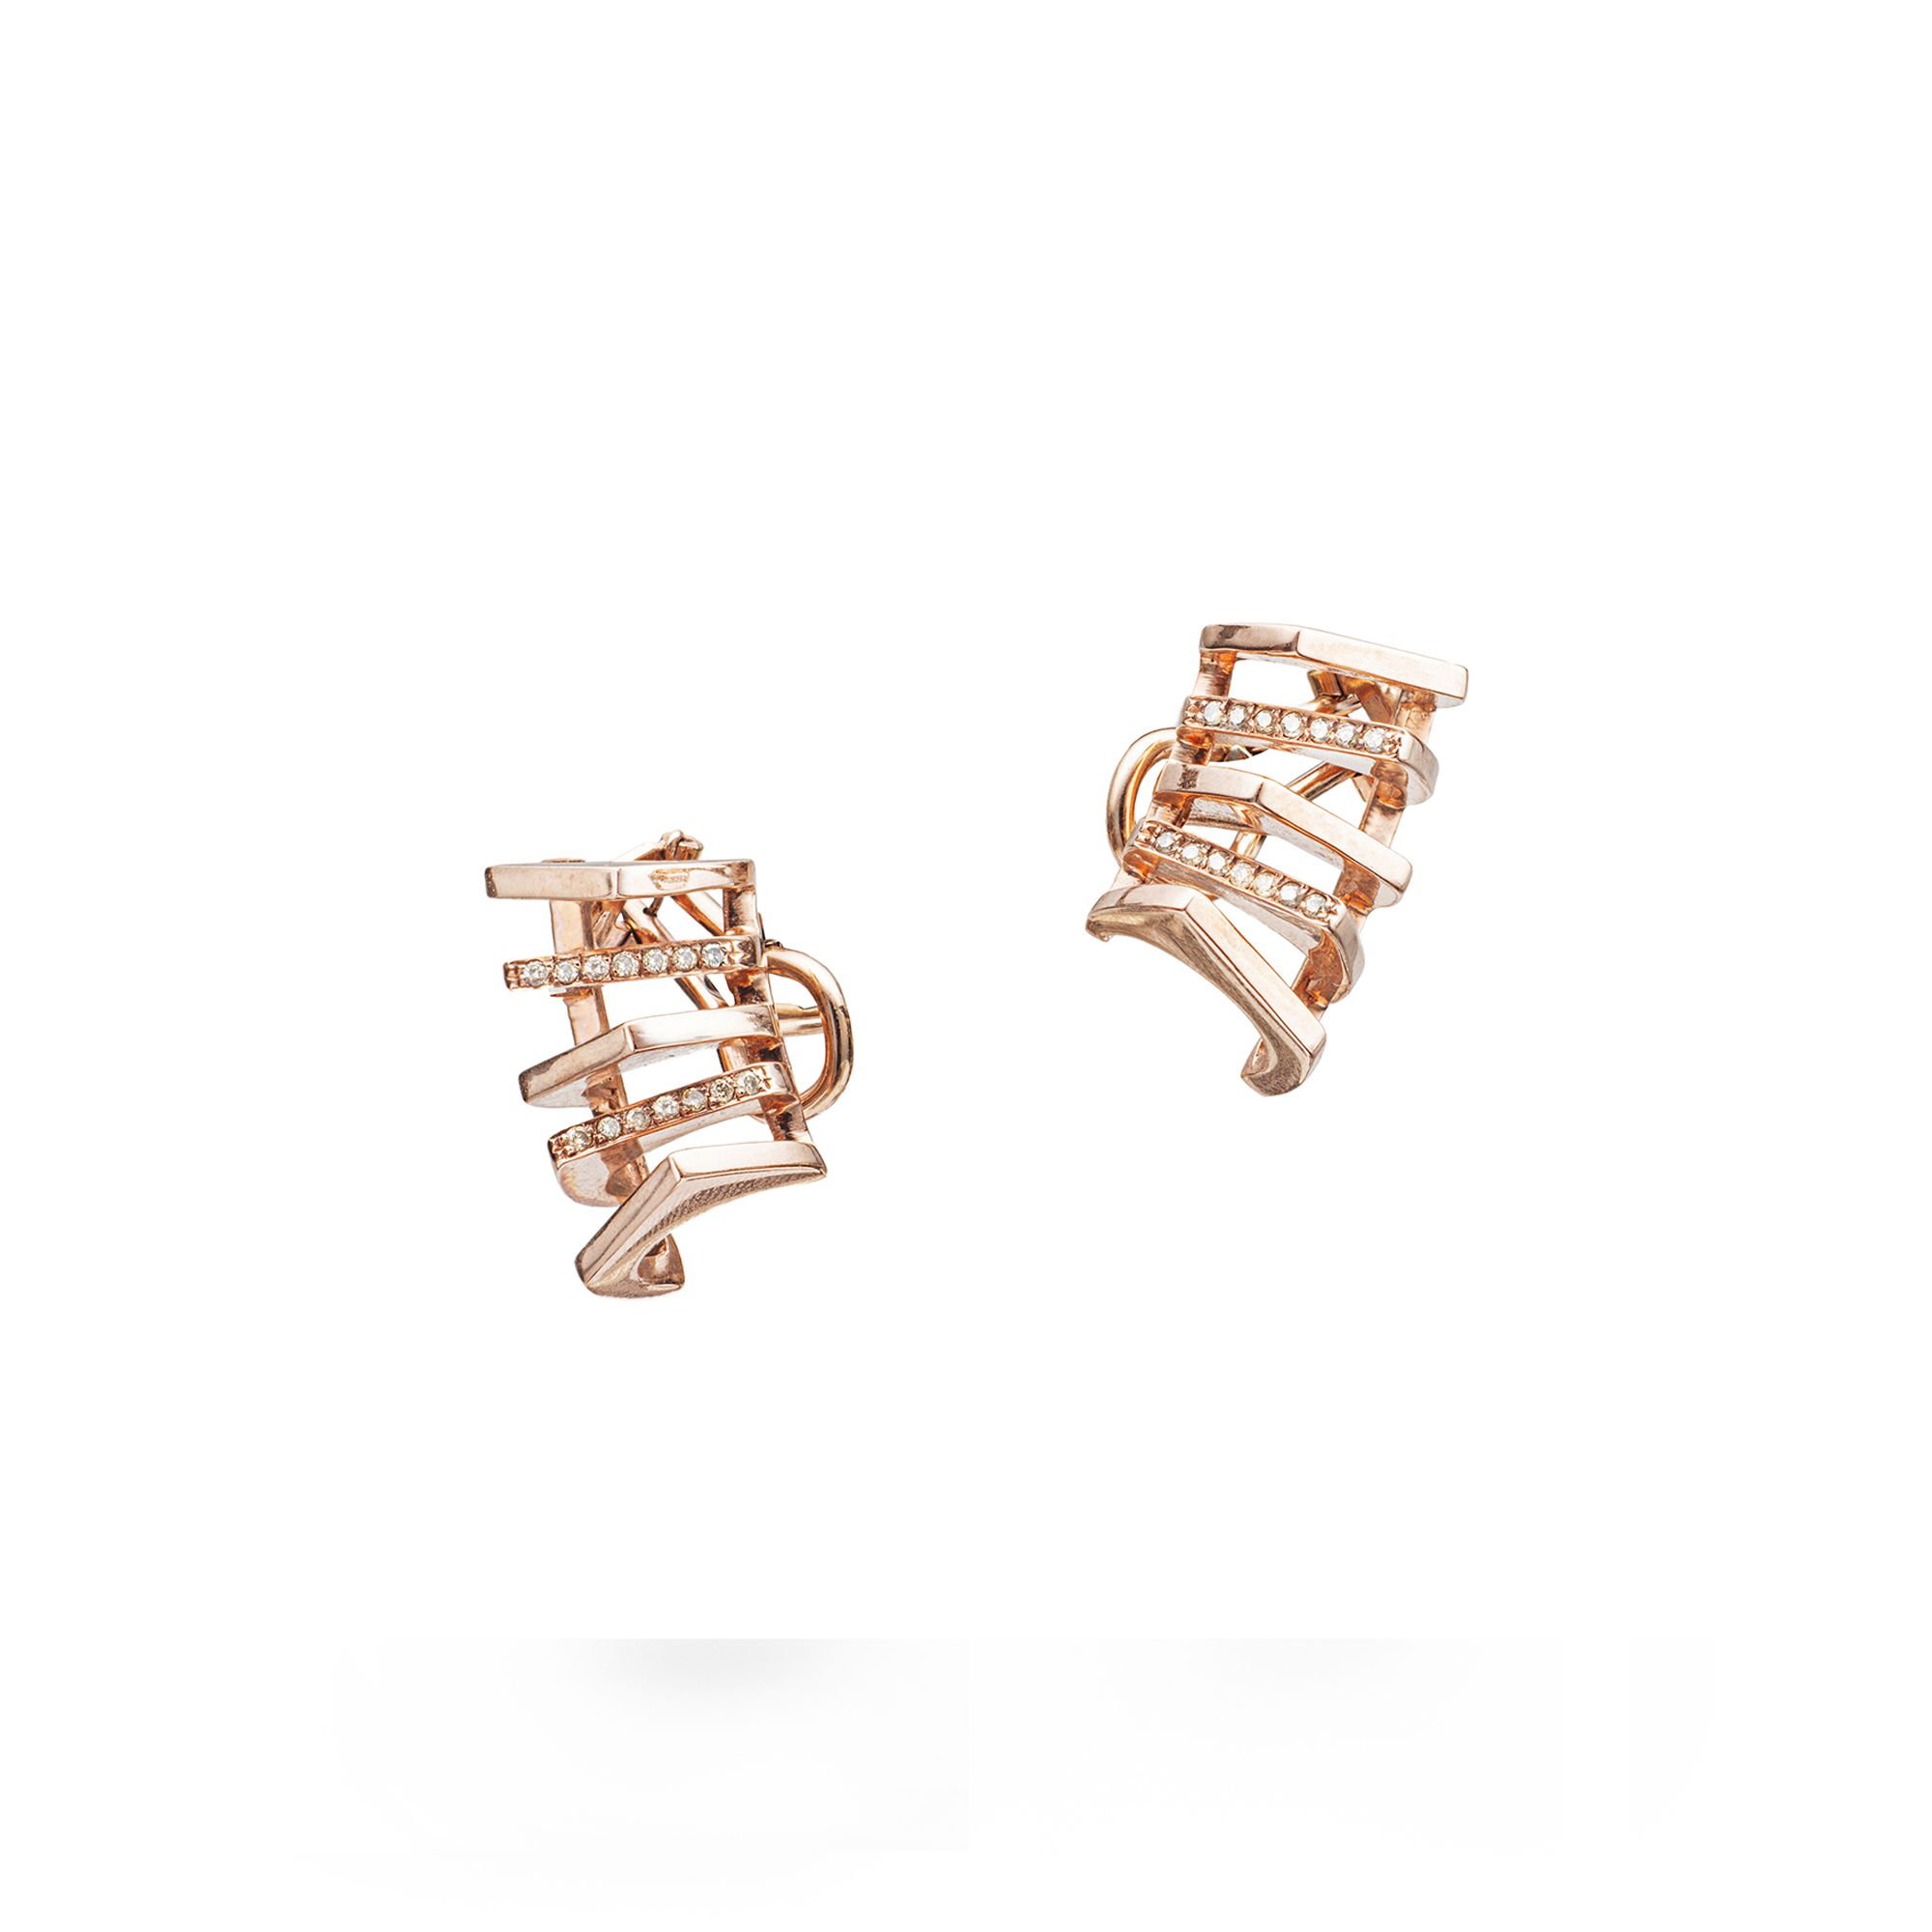 Orecchini 'Congiunzioni' 5 elementi Orecchini in oro rosa e diamanti champagne